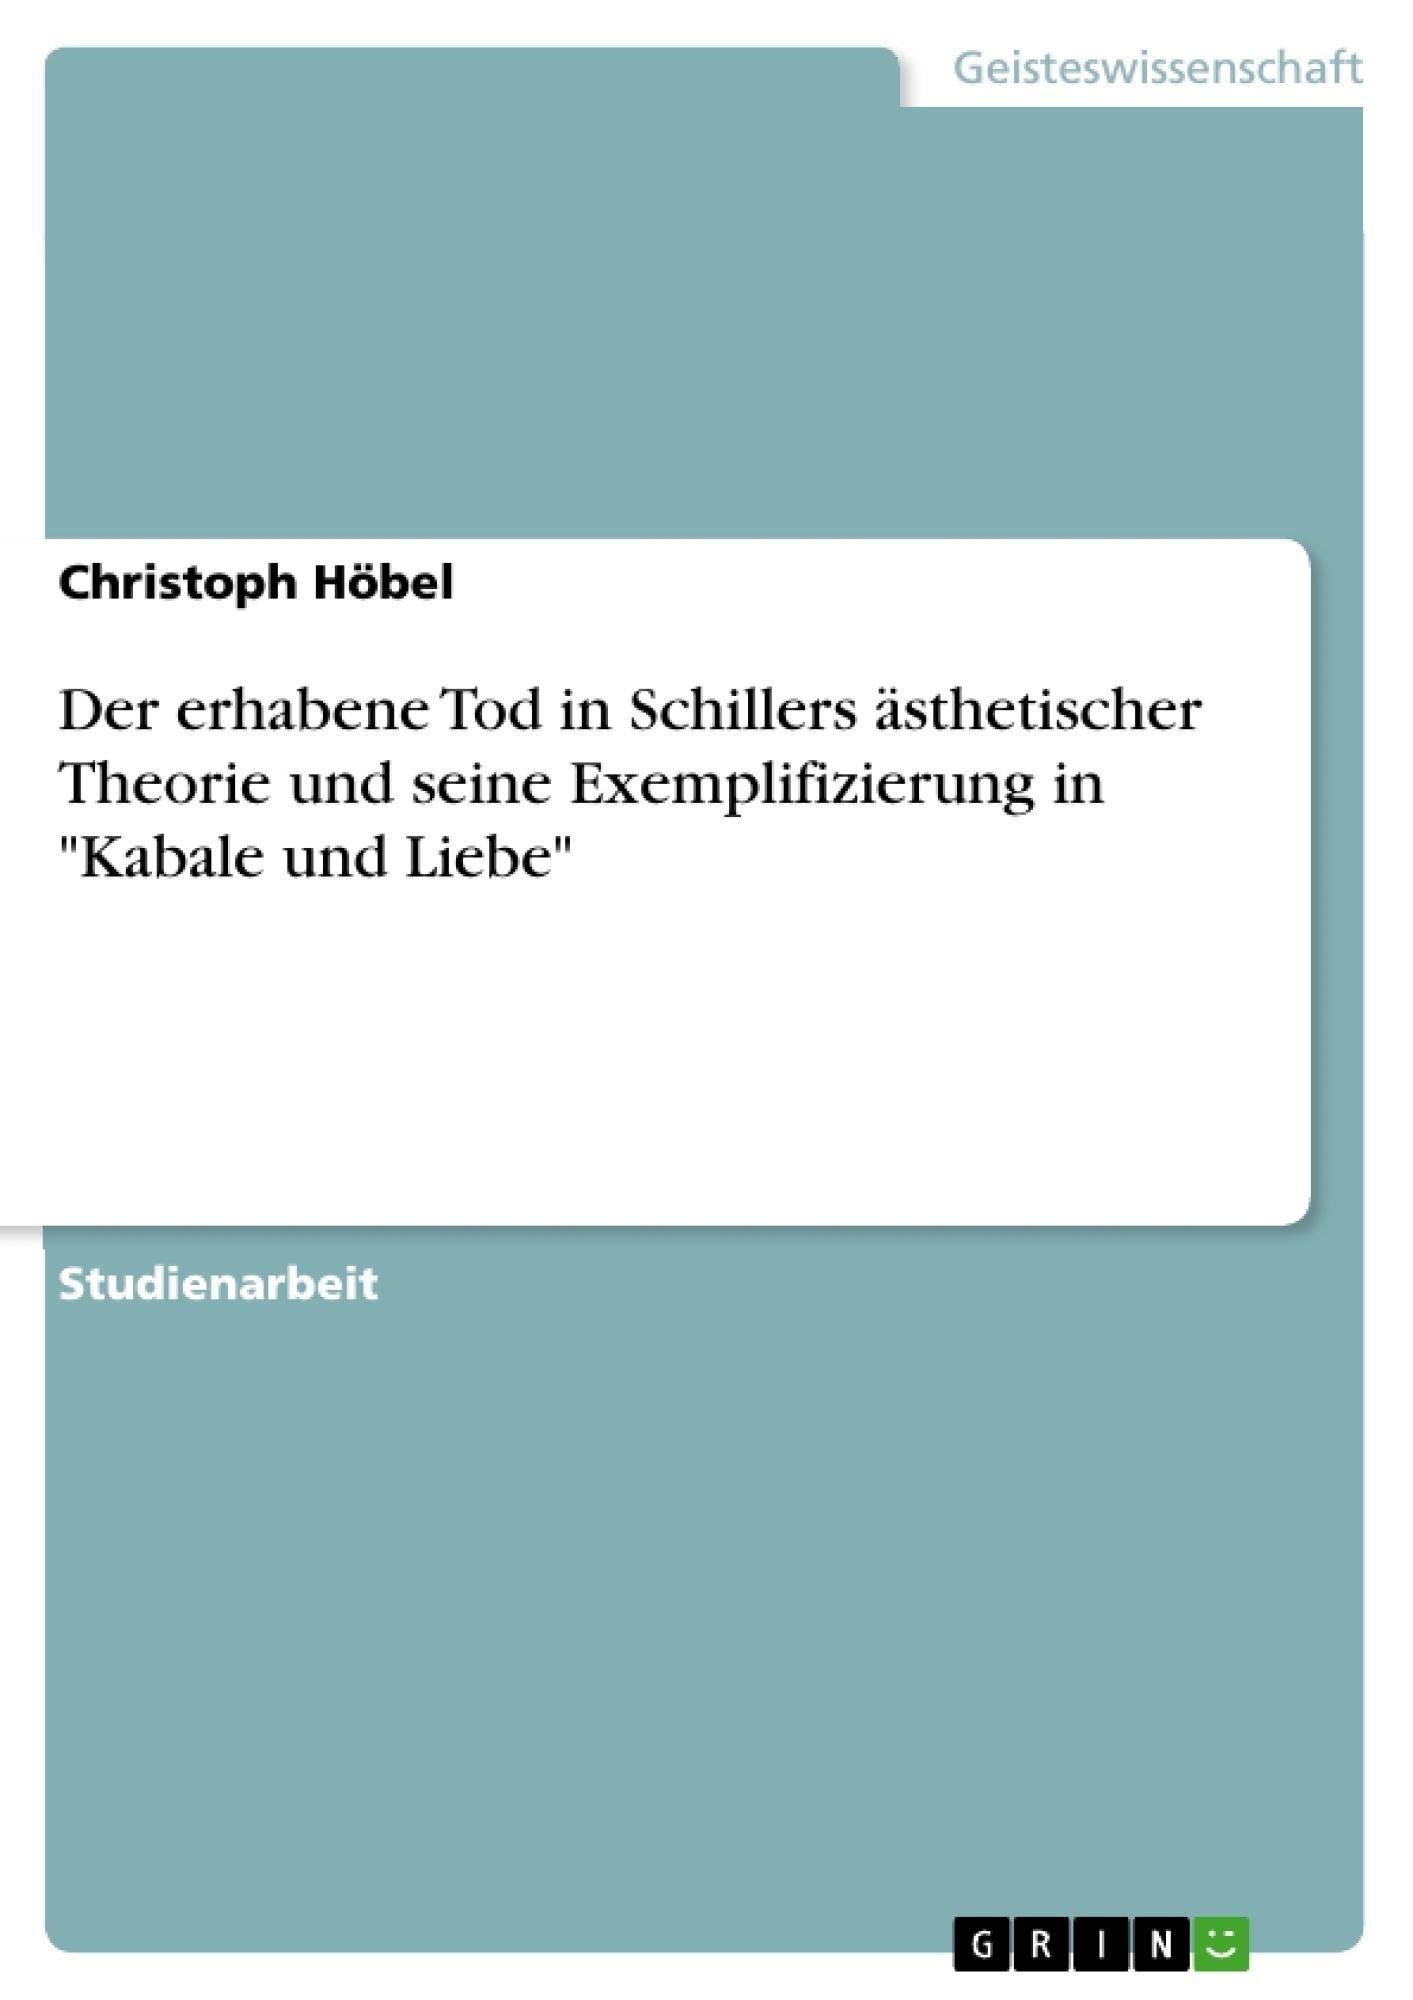 """Titel: Der erhabene Tod in Schillers ästhetischer Theorie und seine Exemplifizierung in """"Kabale und Liebe"""""""